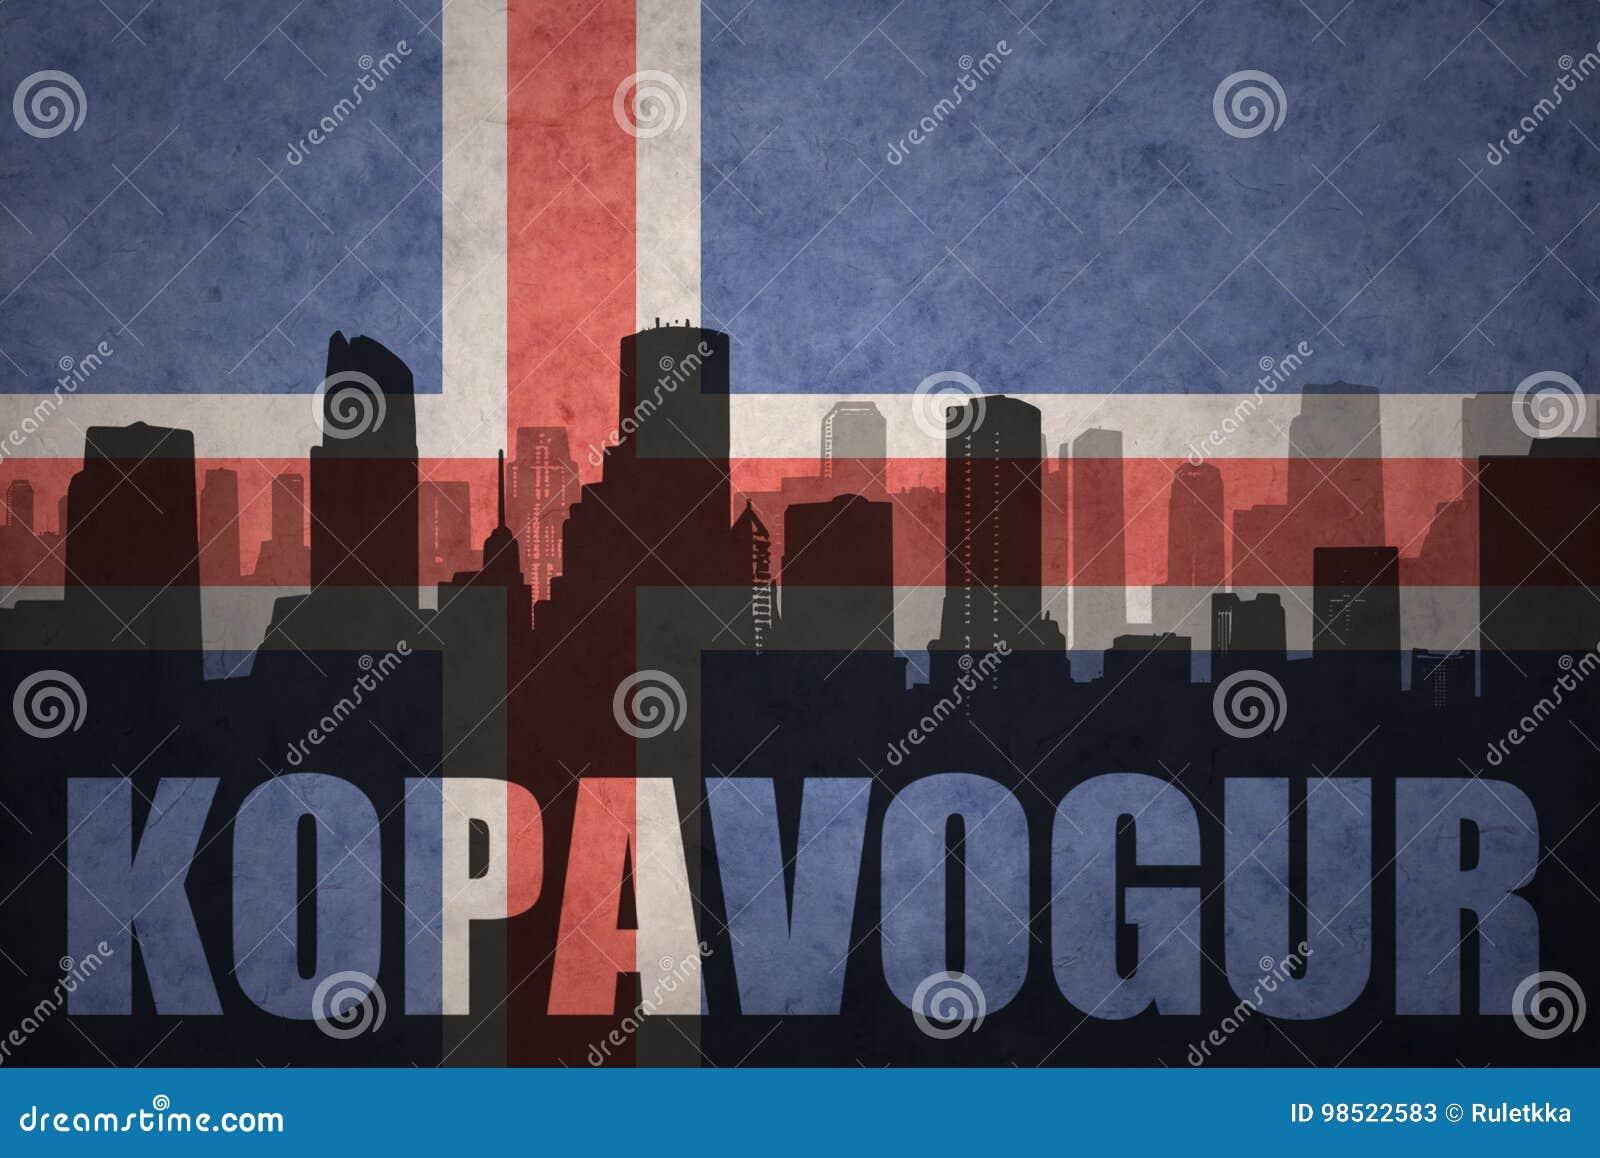 Abstract silhouet van de stad met tekst Kopavogur bij de uitstekende Ijslandse vlag